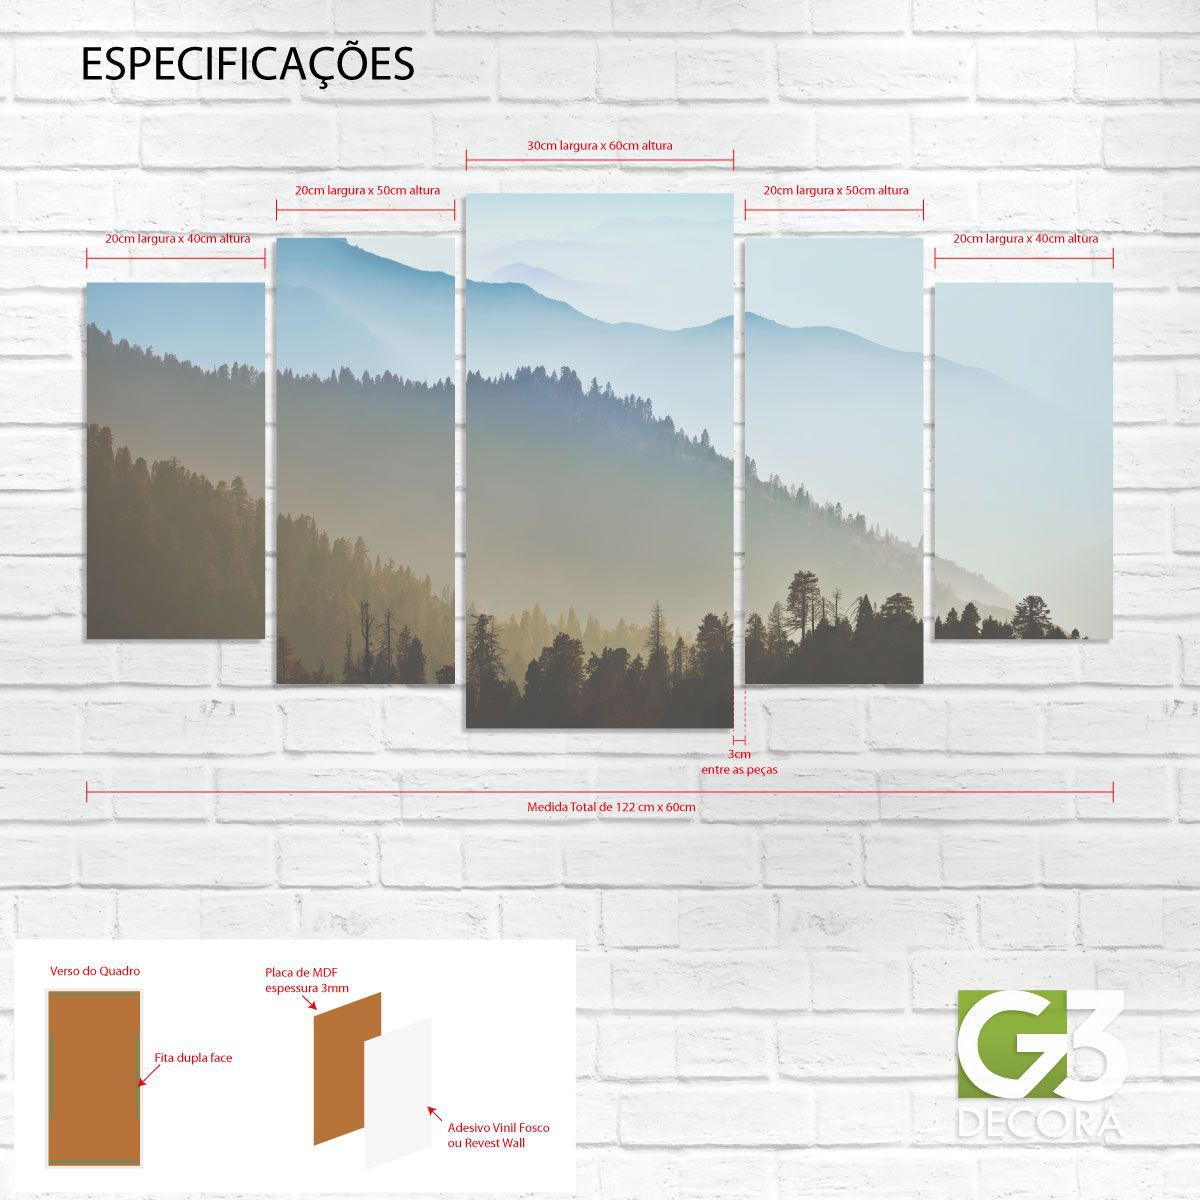 Quadro Decorativo – QD002  - Papel de parede - G3decora